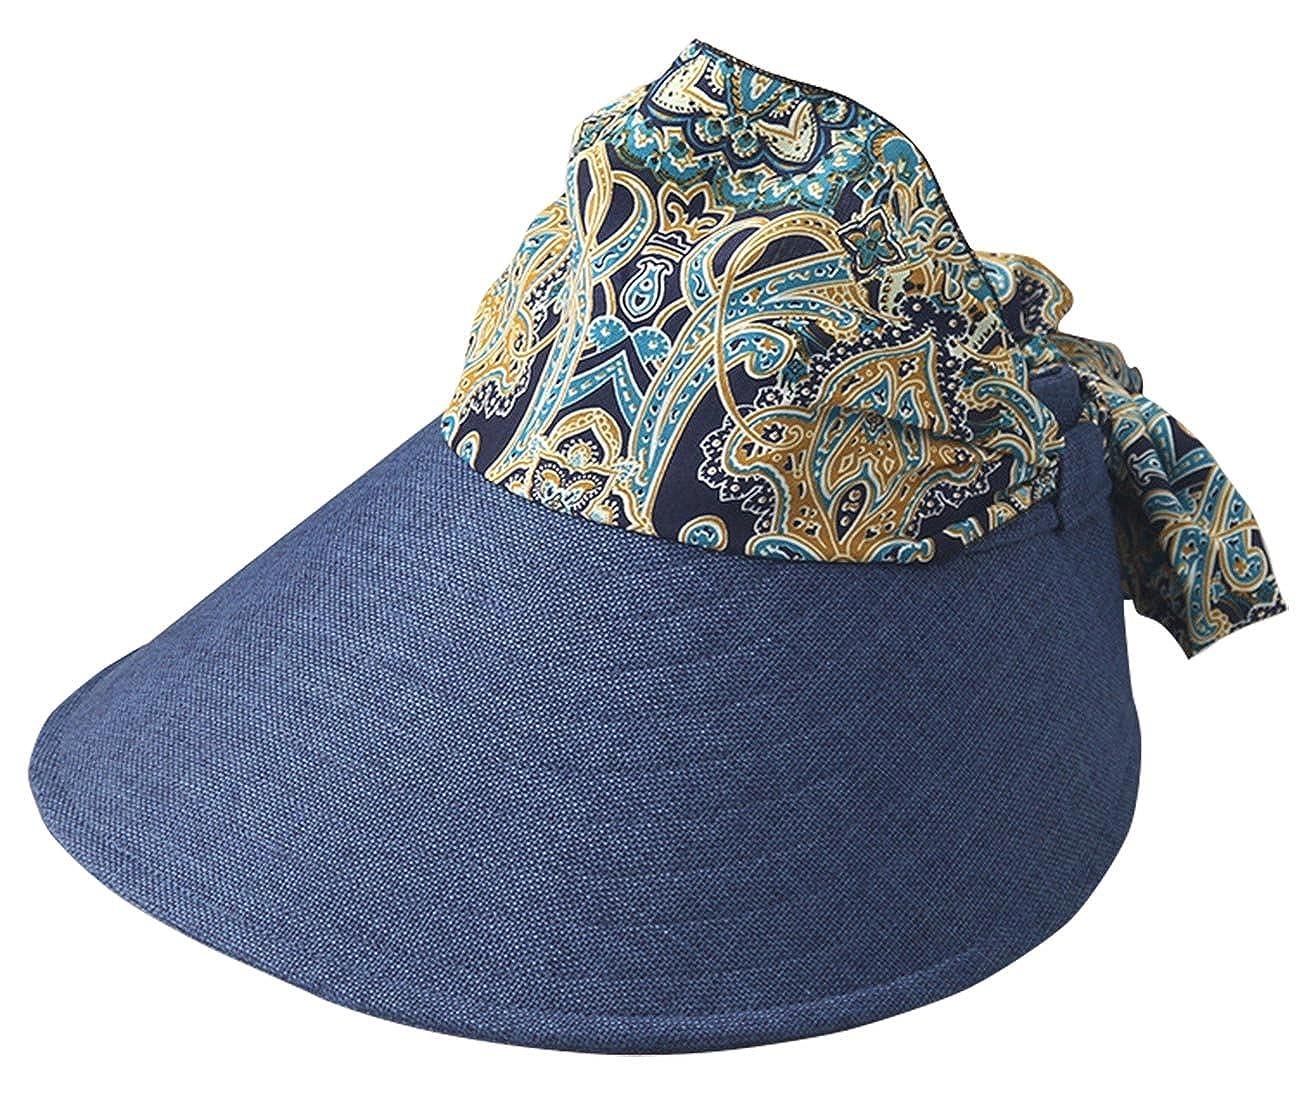 FEOYA Sombrero de Copa Vacío para Mujeres Gorro de Sol Verano con Lazo  Estampados Plegable Visera 4af03f3ebca